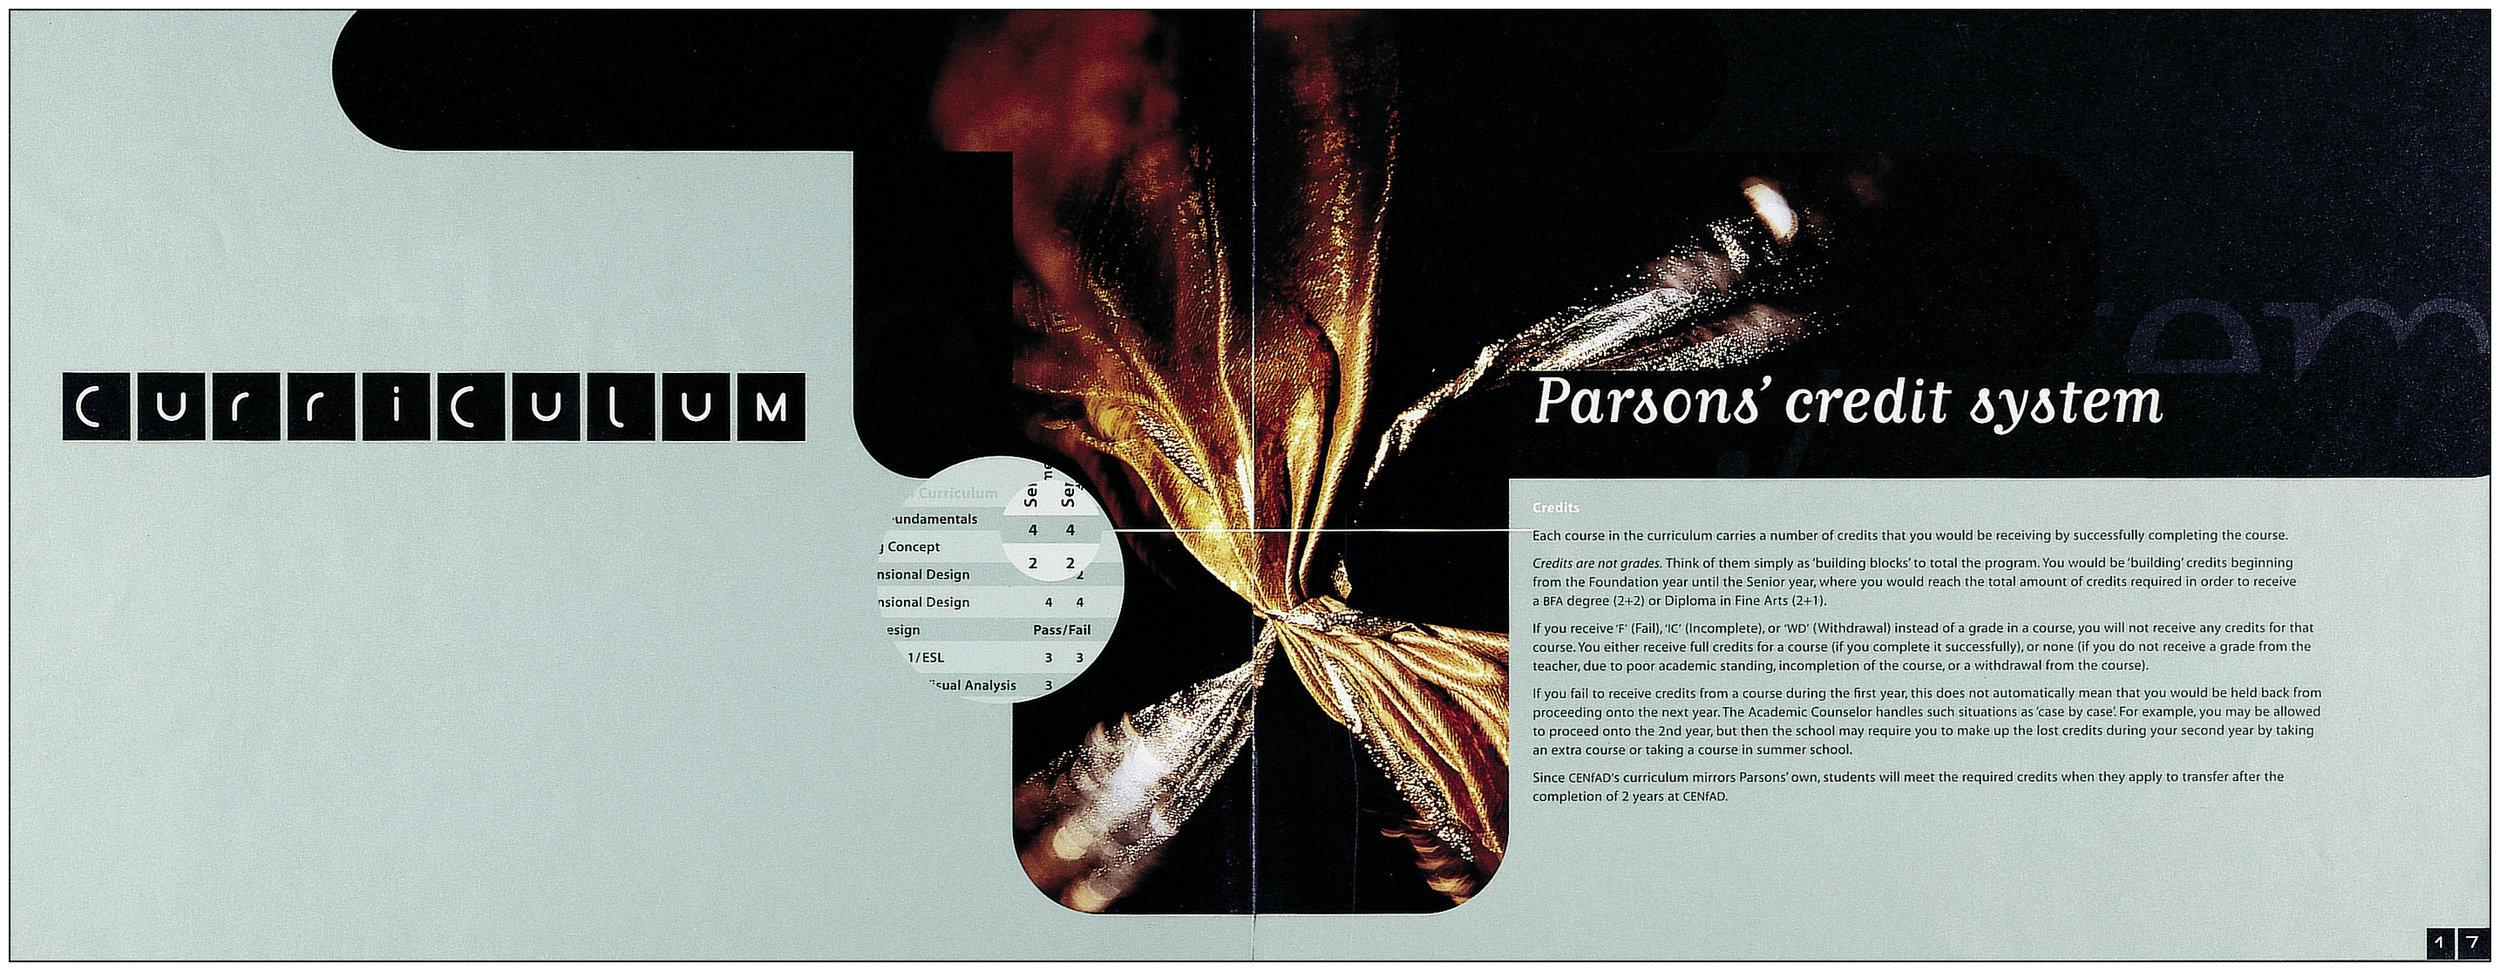 PORT_hires_CENfAD_Prospectus_Curriculum (B29).jpg